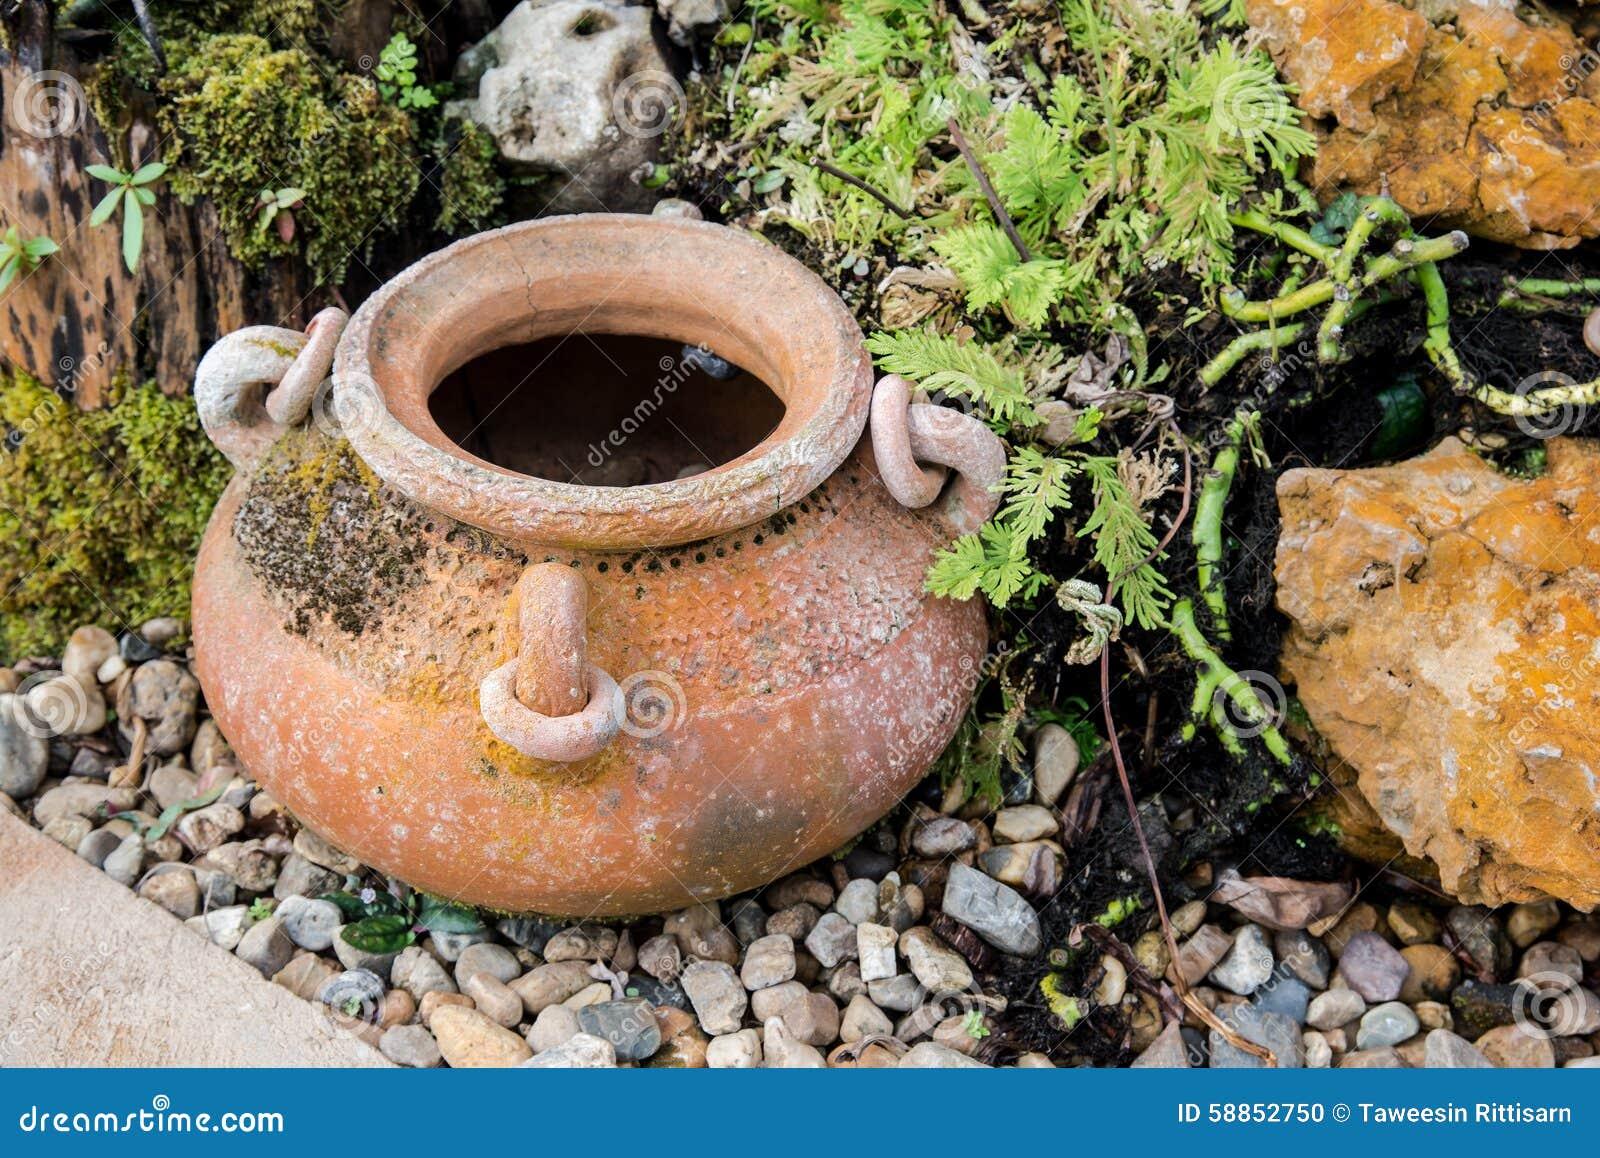 Décoration De Jardin Par Le Pot De Poterie, Broc De Poterie Photo ...